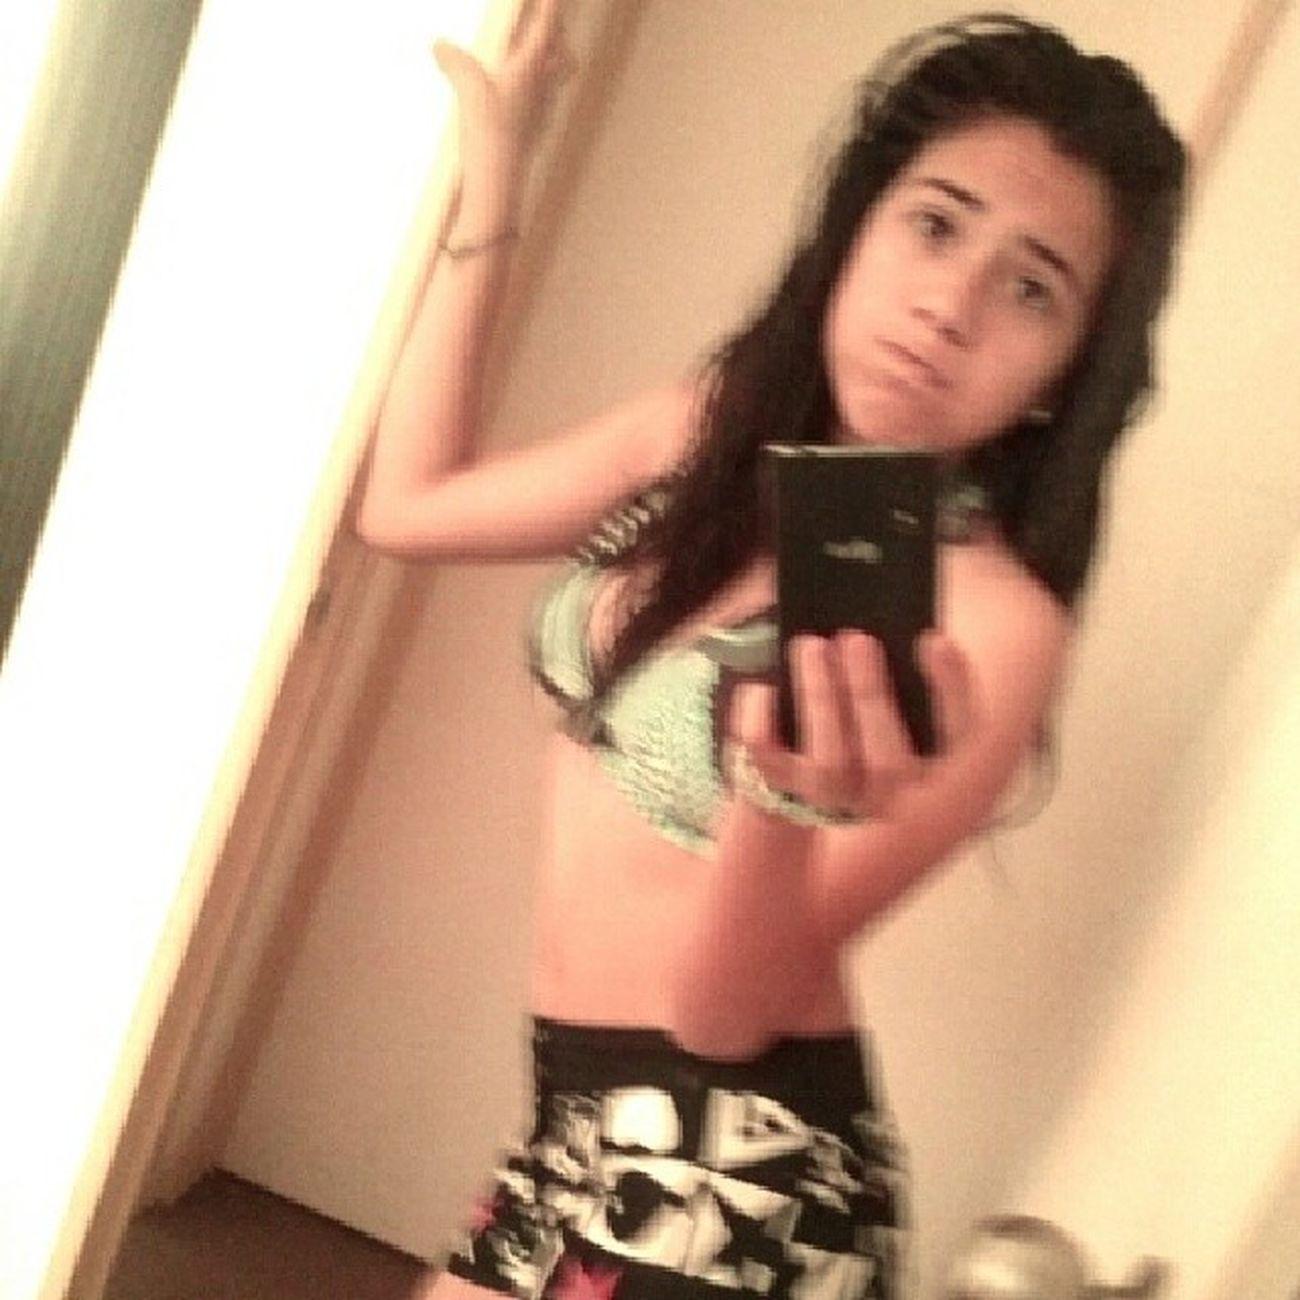 NoEsLaMejor PeroRecienLlegandoDeLaPiscina Jeje  <3 Chort ~Bikini Jiji:3 photos chaop